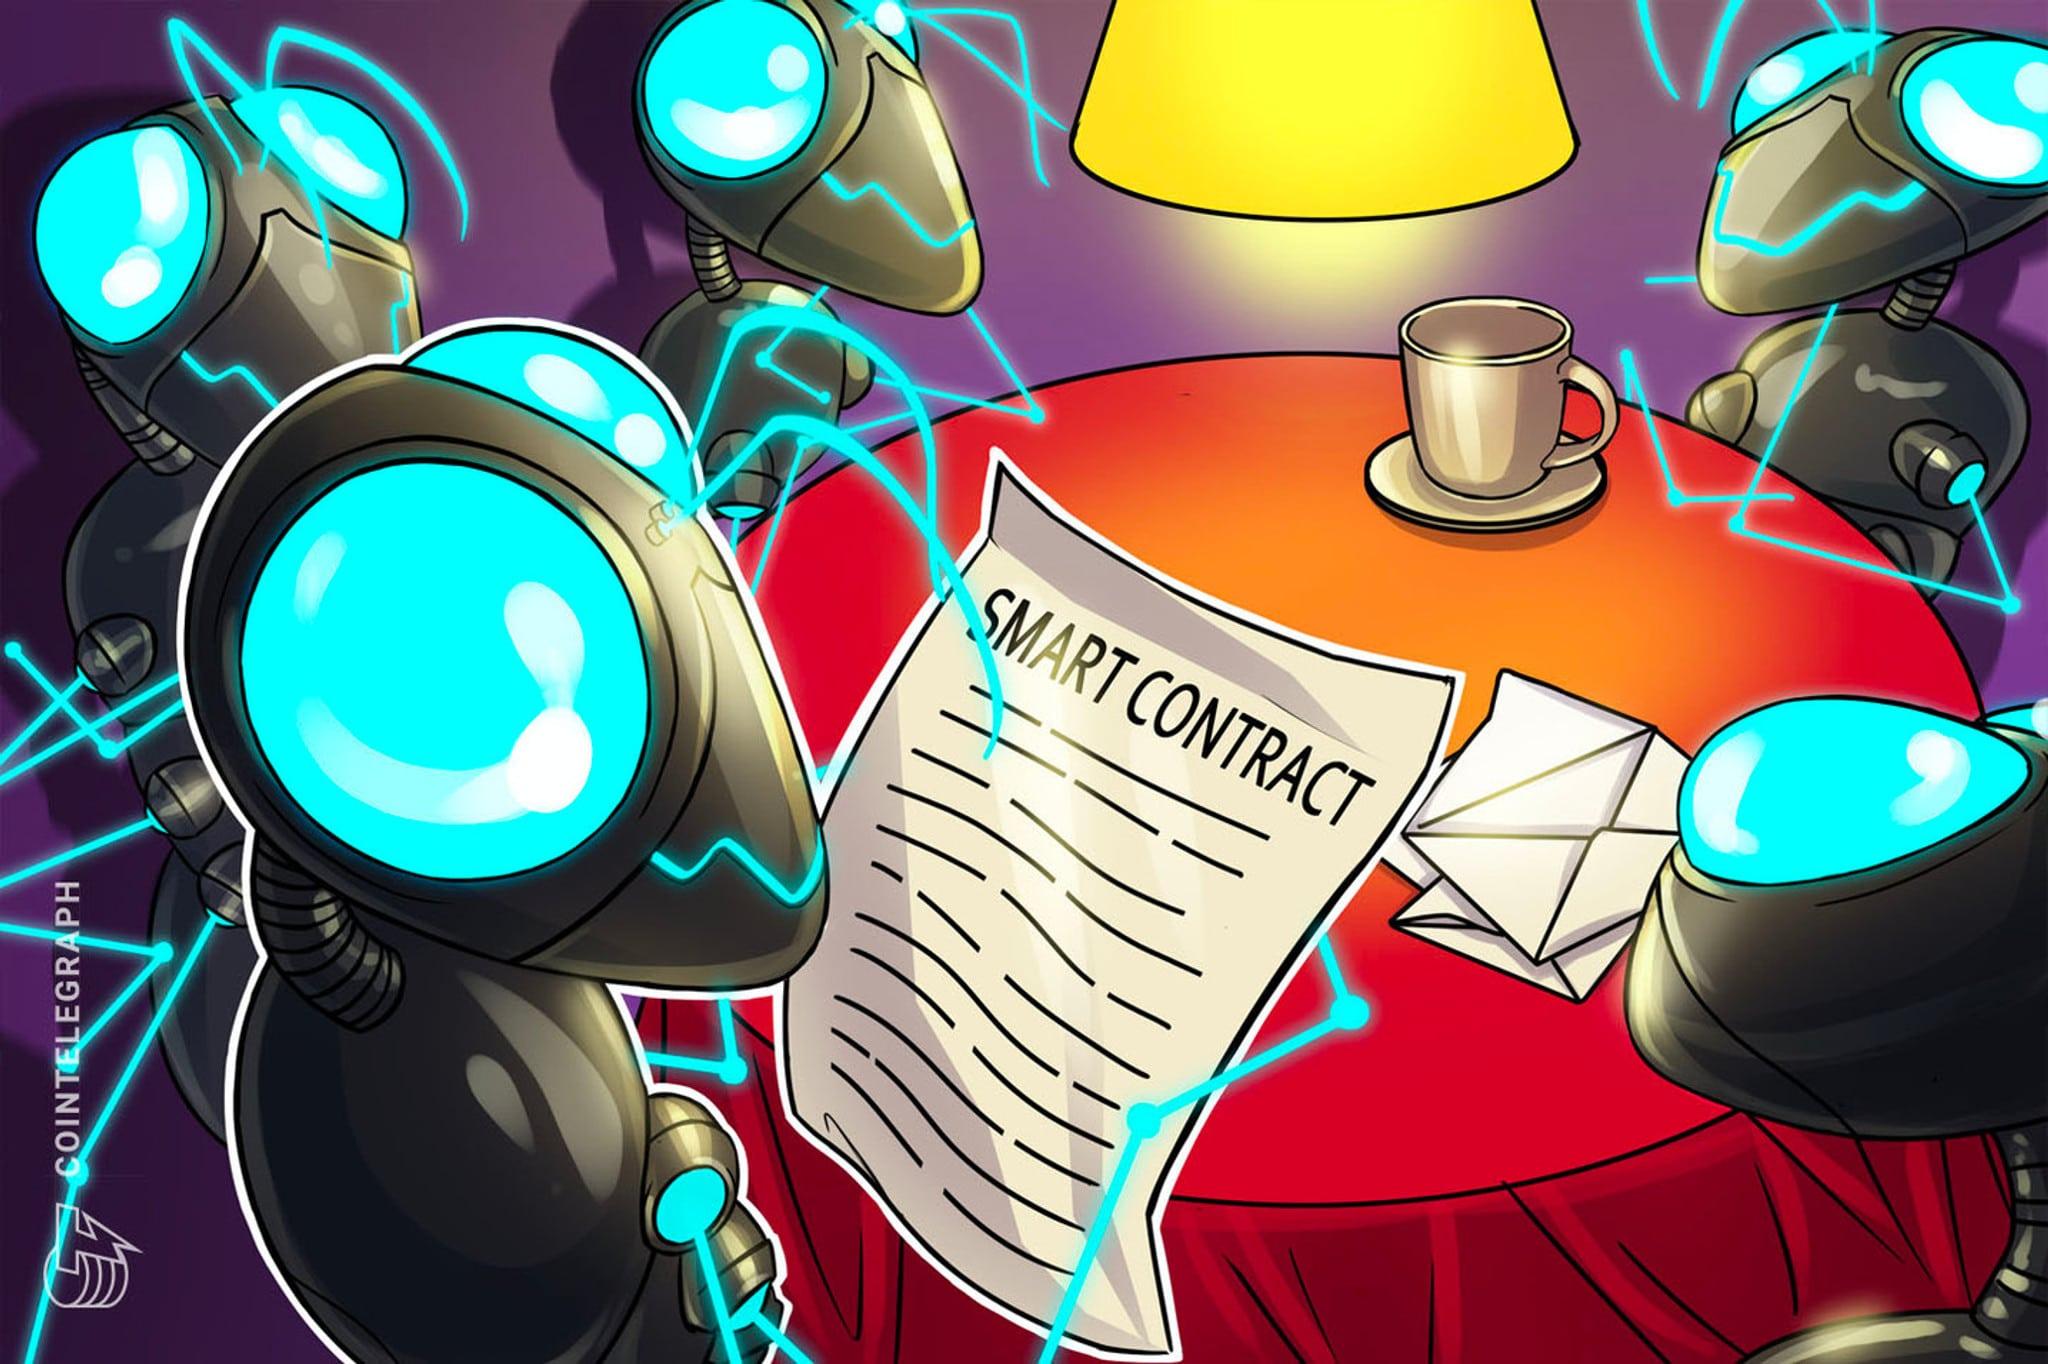 Los DLC contratos inteligentes sobre bitcoin que lo cambiaran todo